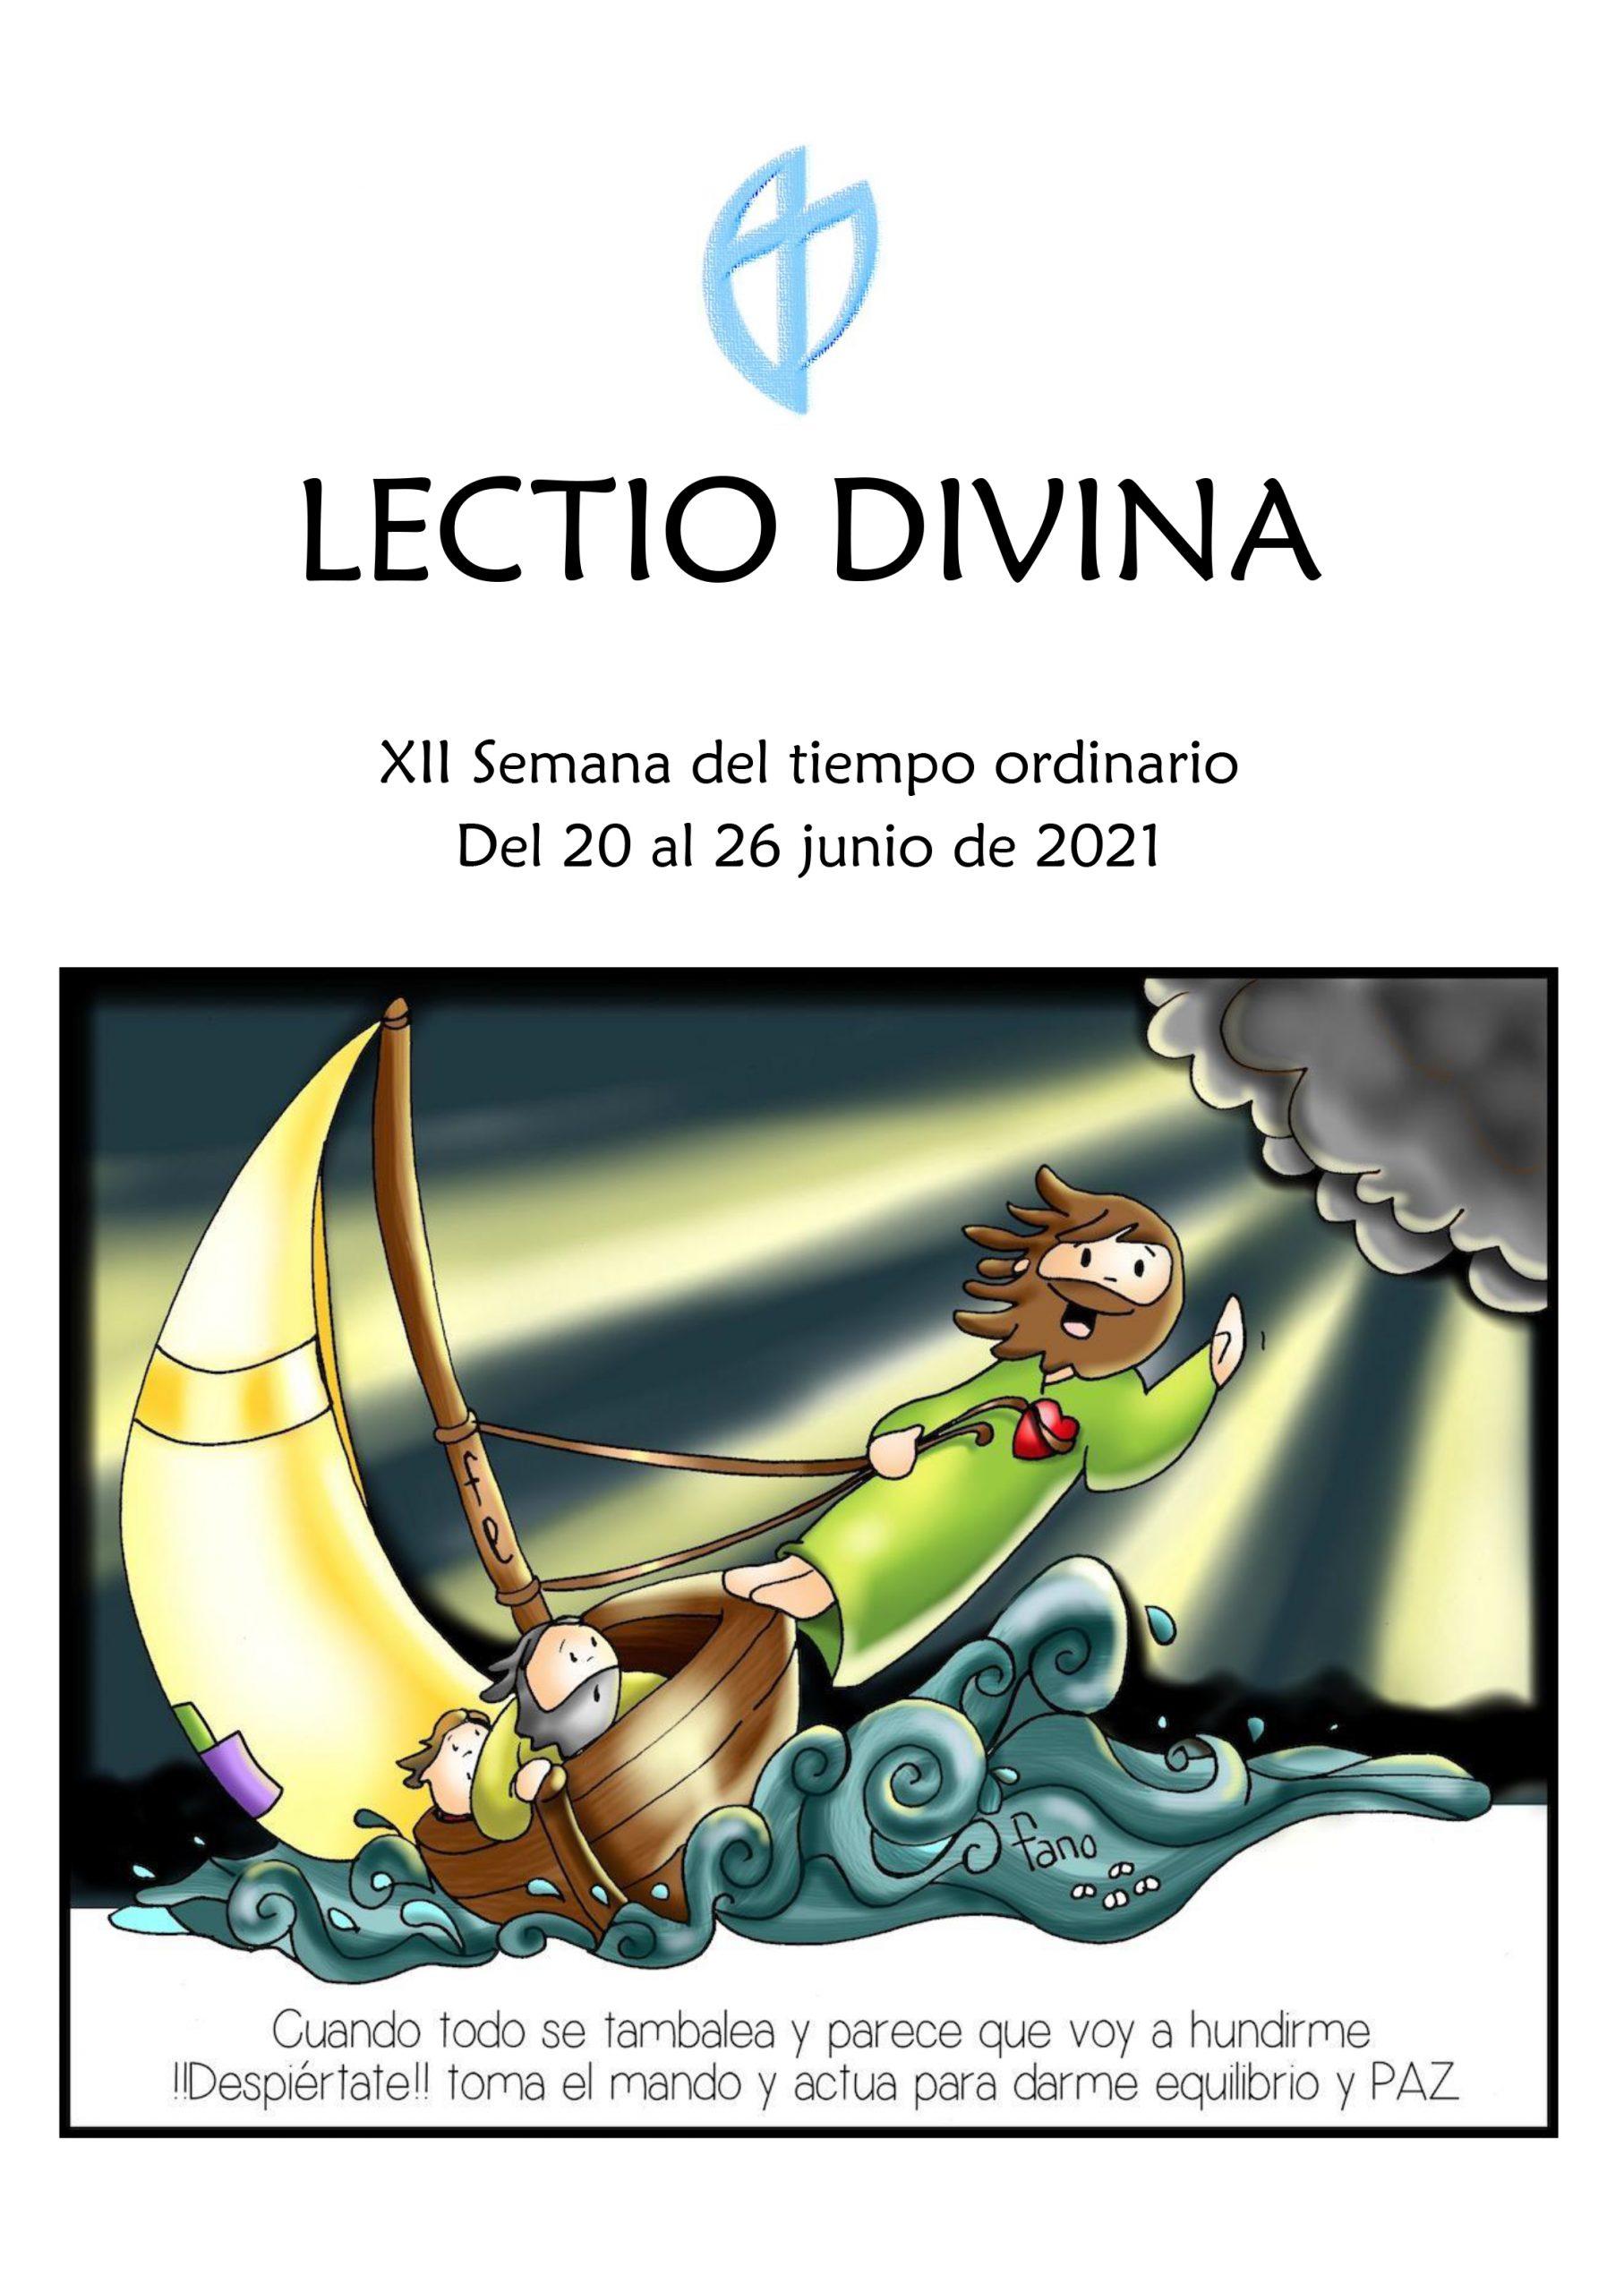 XII Semana del Tiempo Ordinario (20 al 26 junio de 2021)